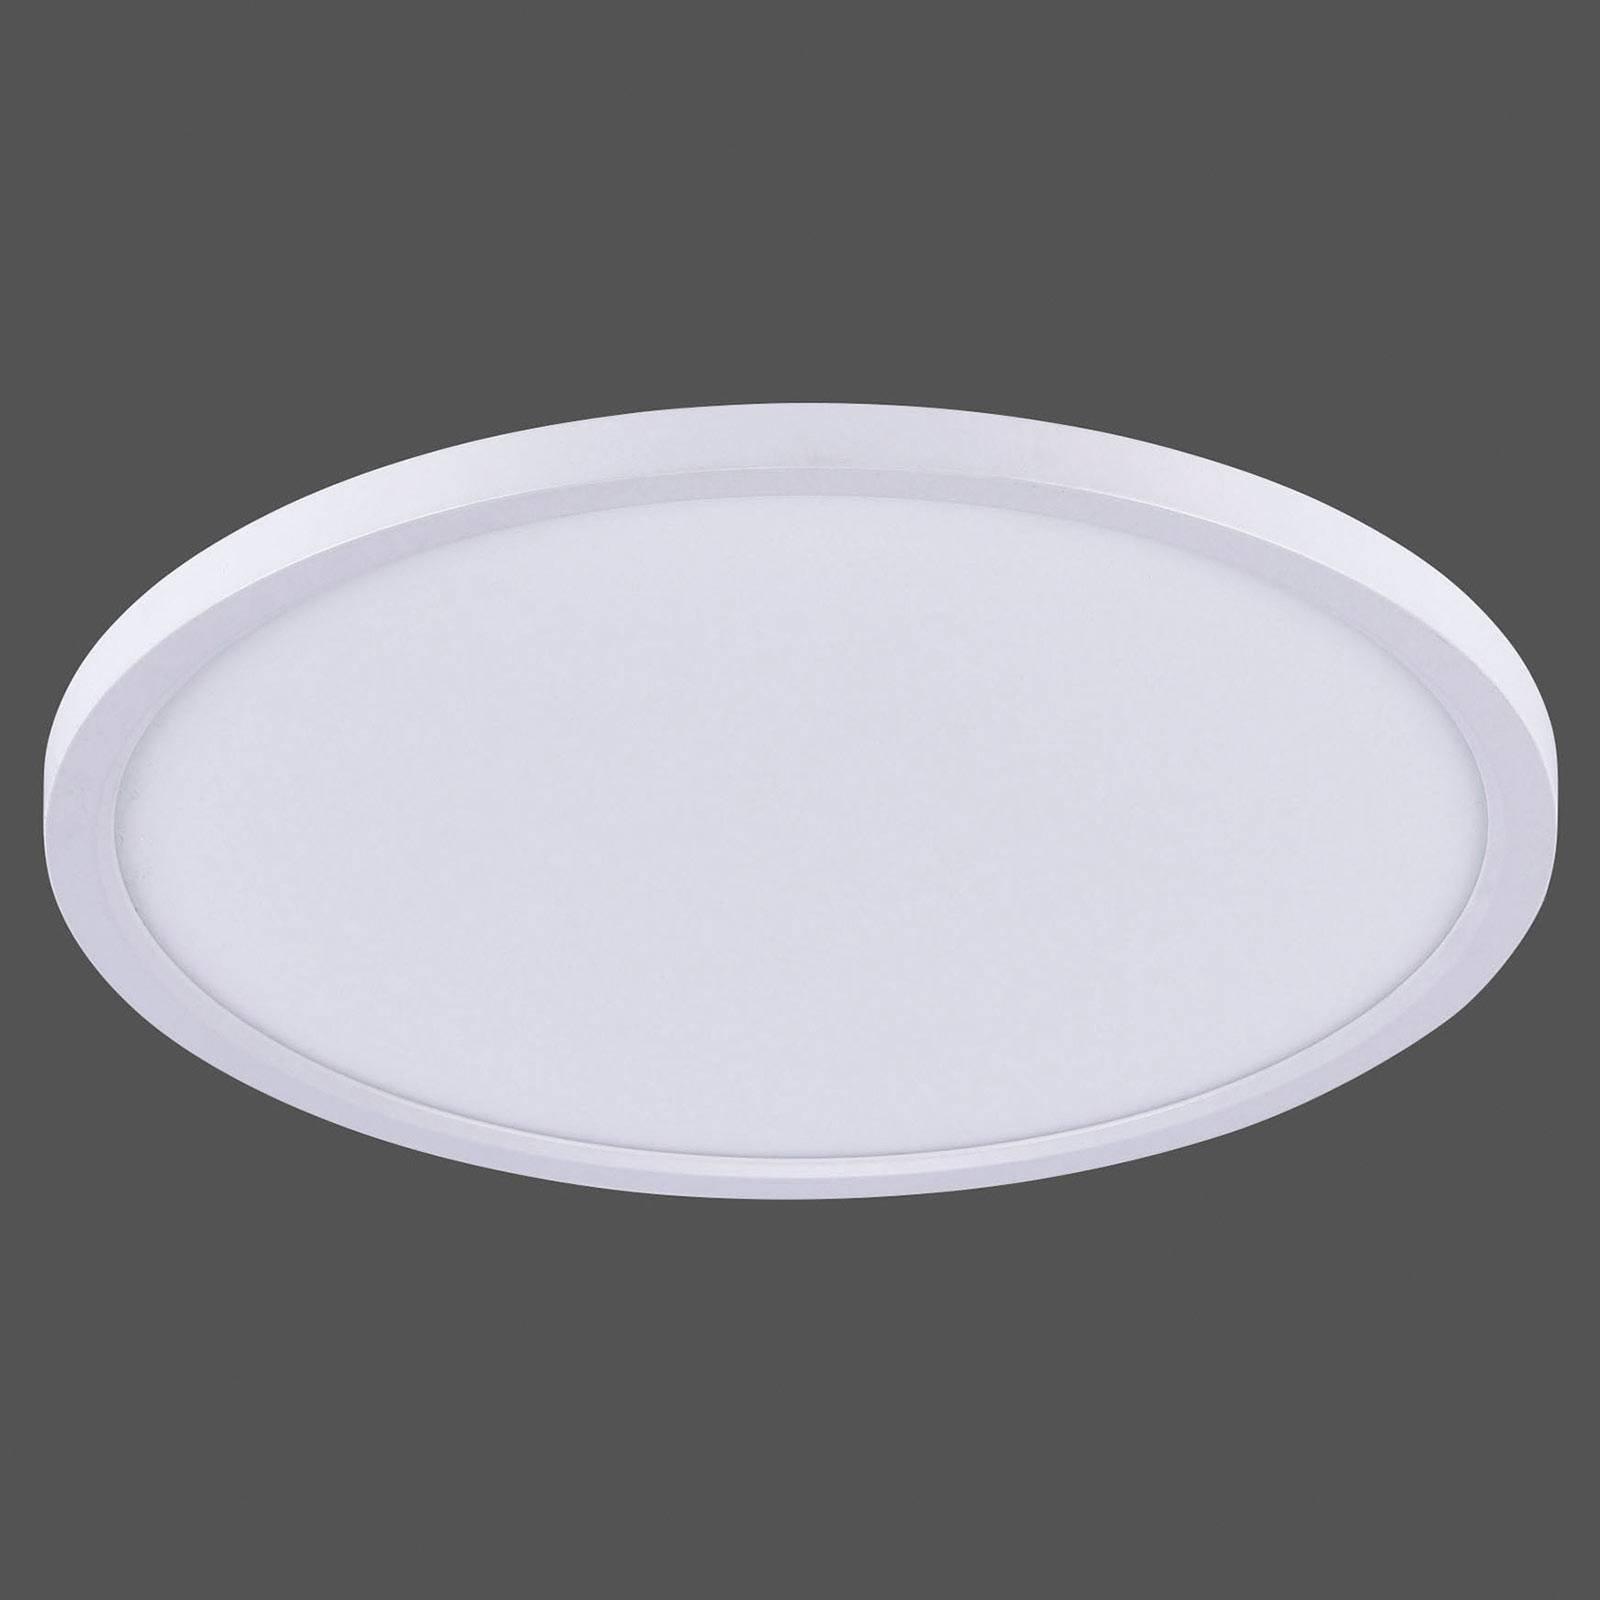 Flat LED-taklampe CCT, Ø 40 cm, hvit